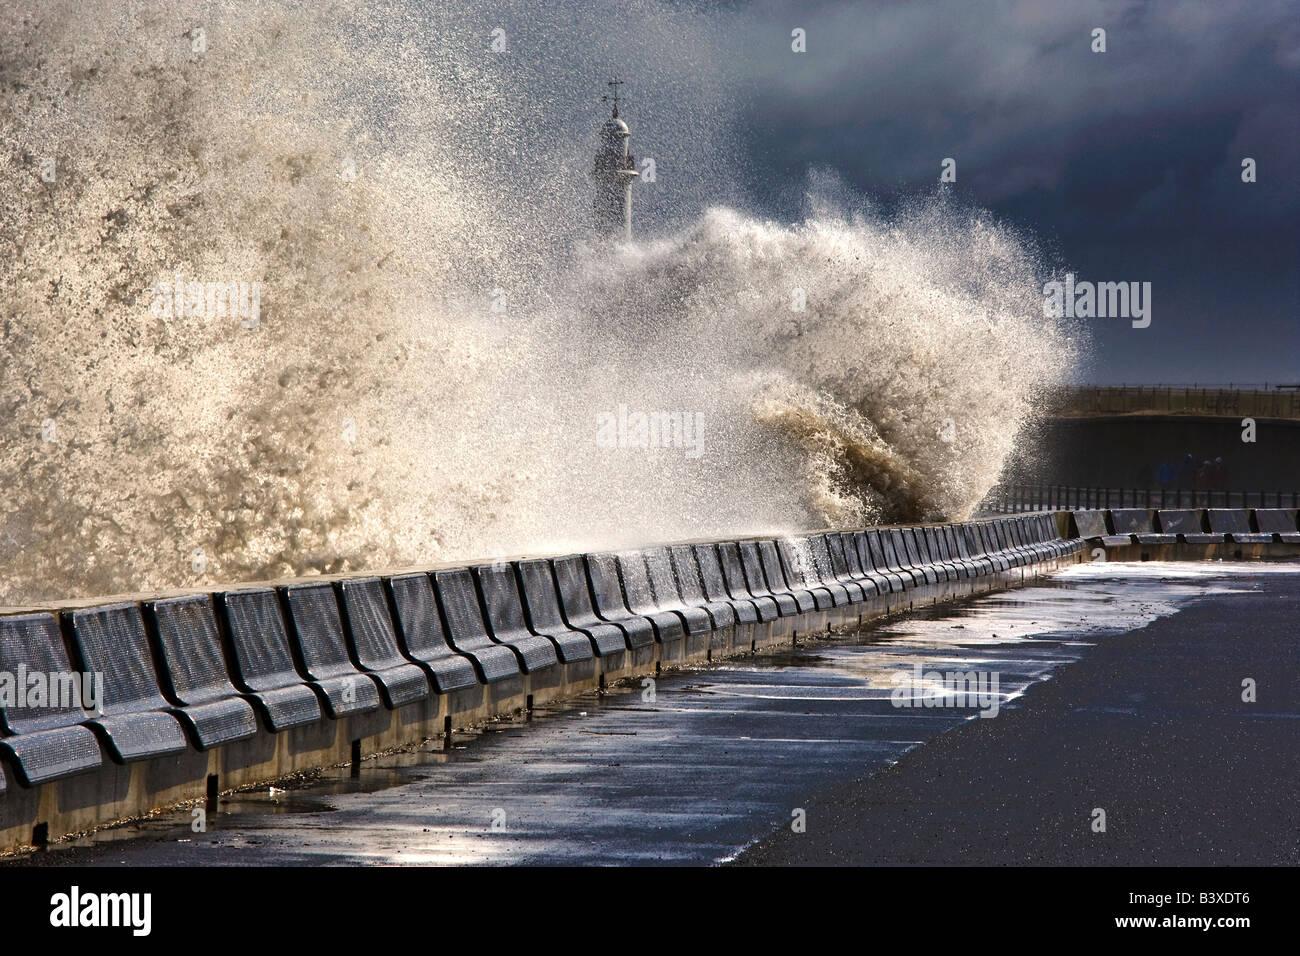 Barrière contre l'écrasement des vagues, Sunderland, Tyne et Wear, Angleterre Photo Stock